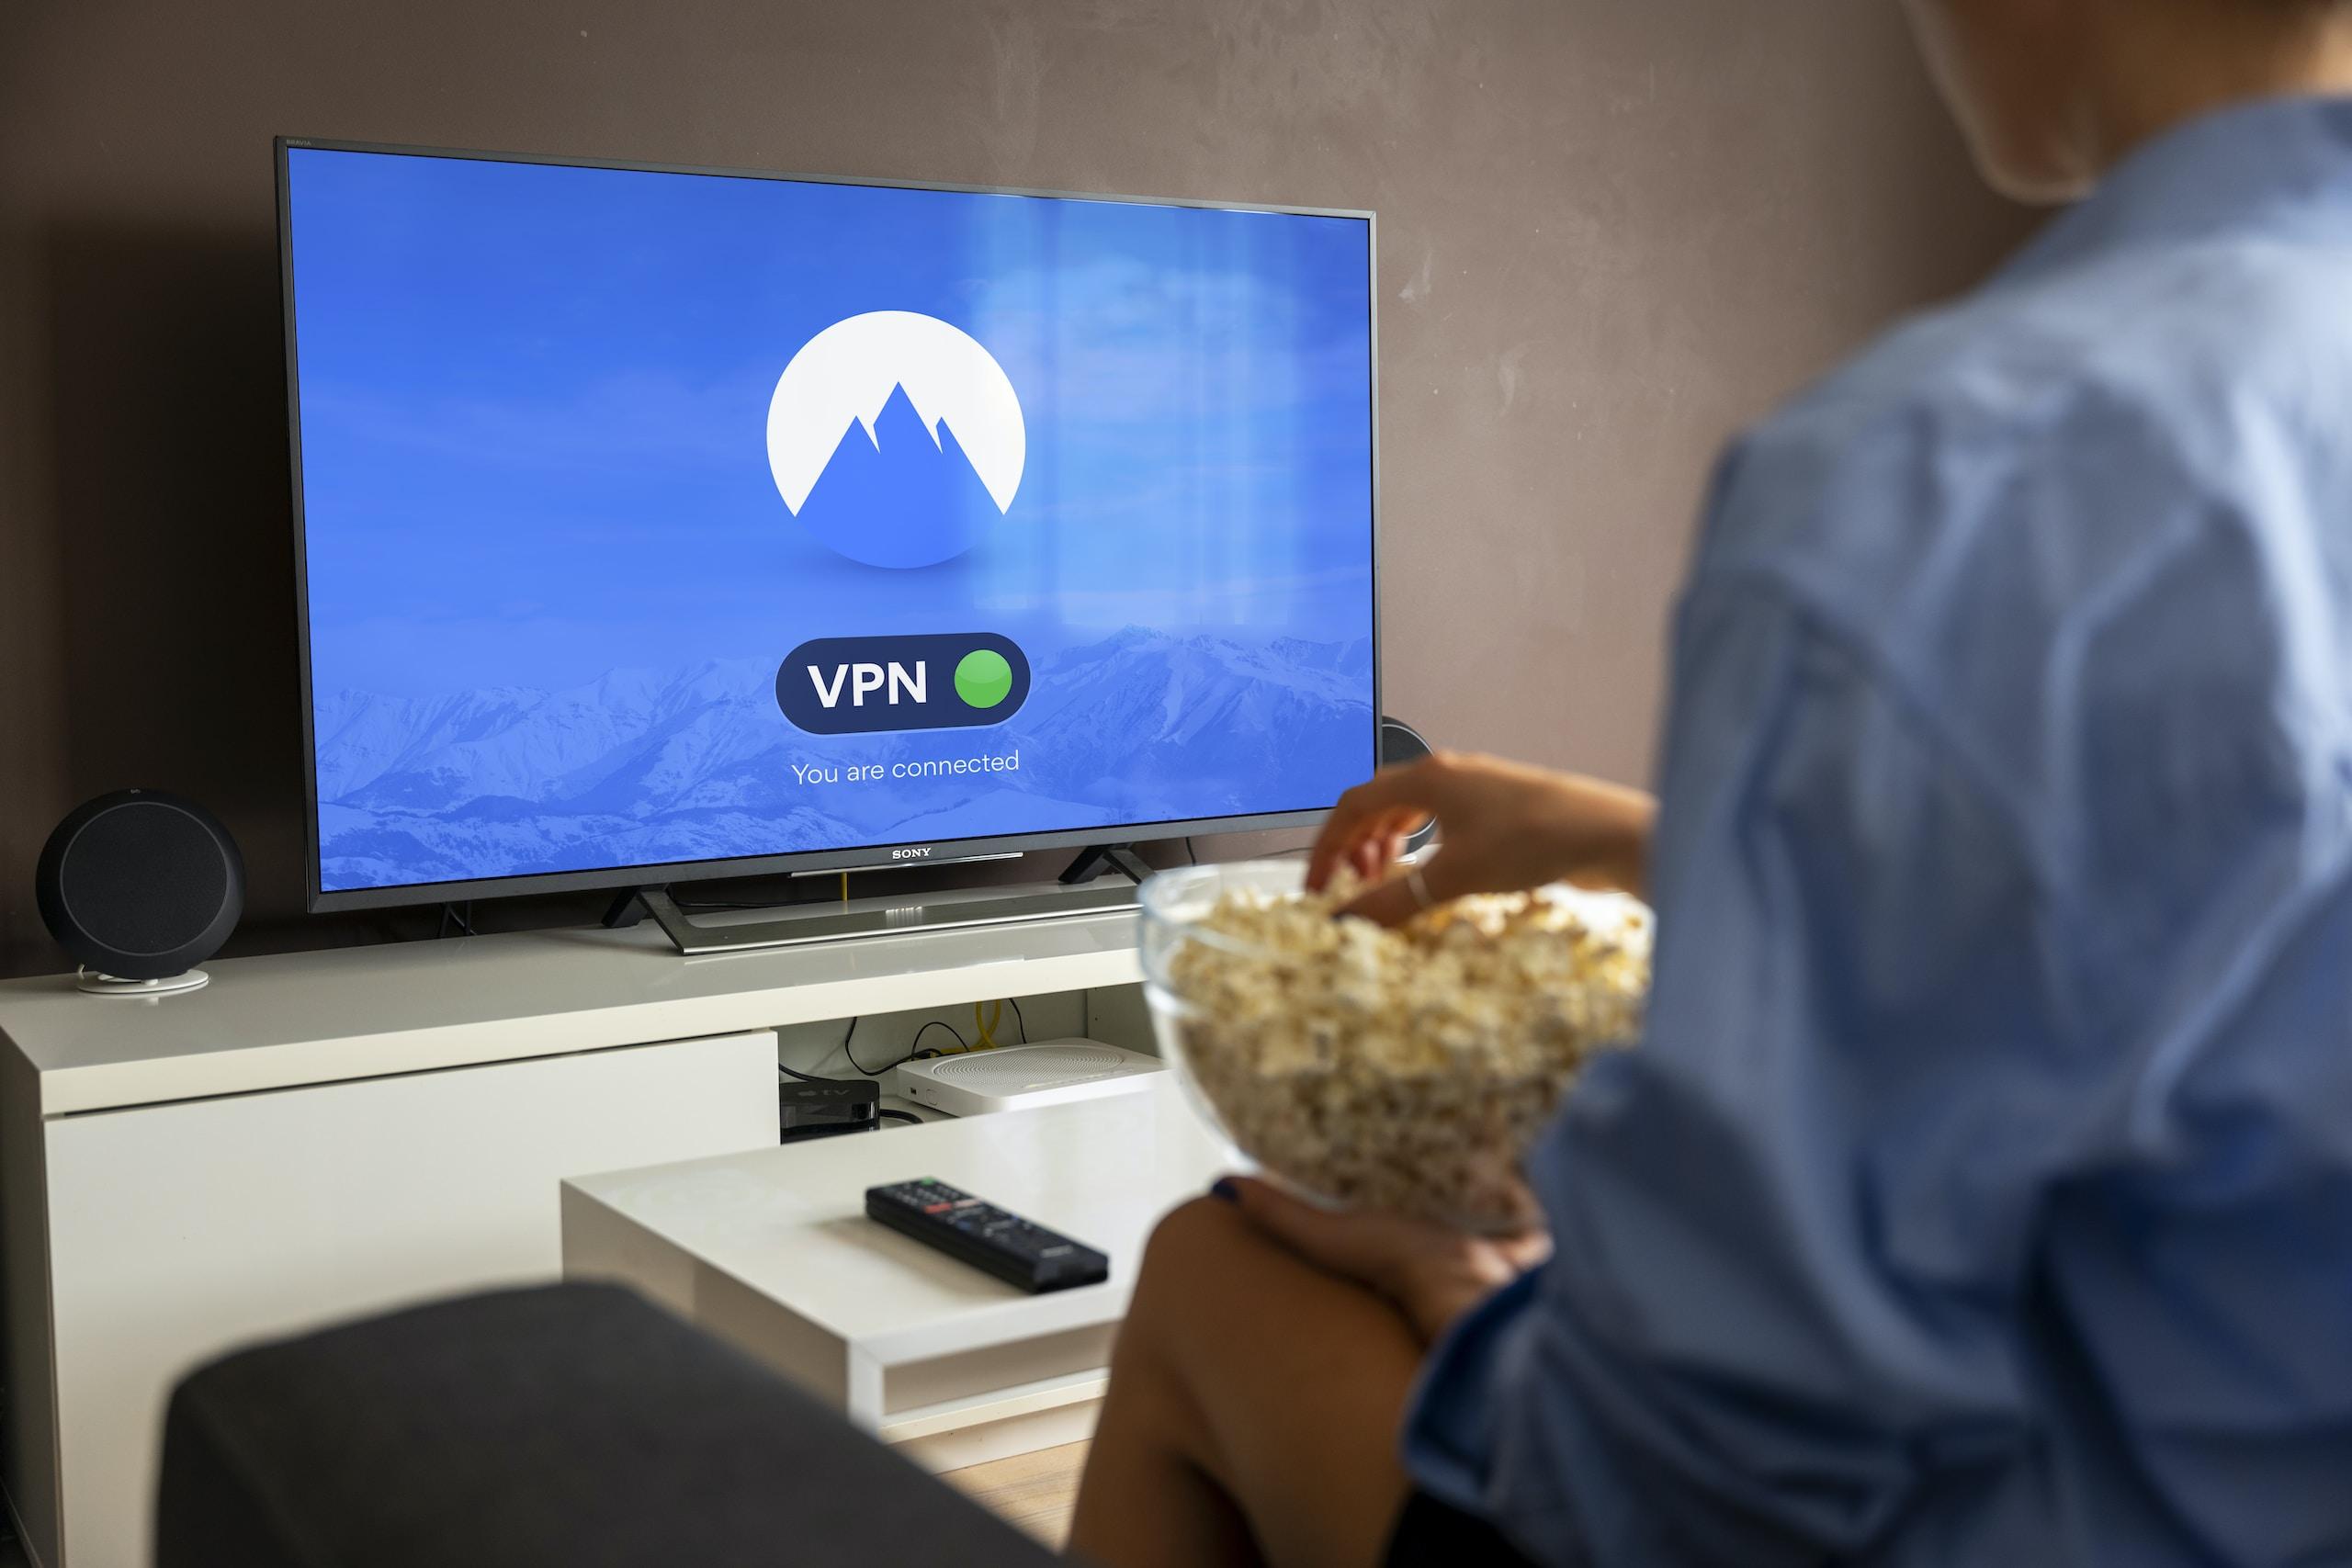 9 月 VPN 推薦:Ivacy 限時優惠碼、NordVPN 國際 VPN 日優惠、BlufVPN 新貴登場